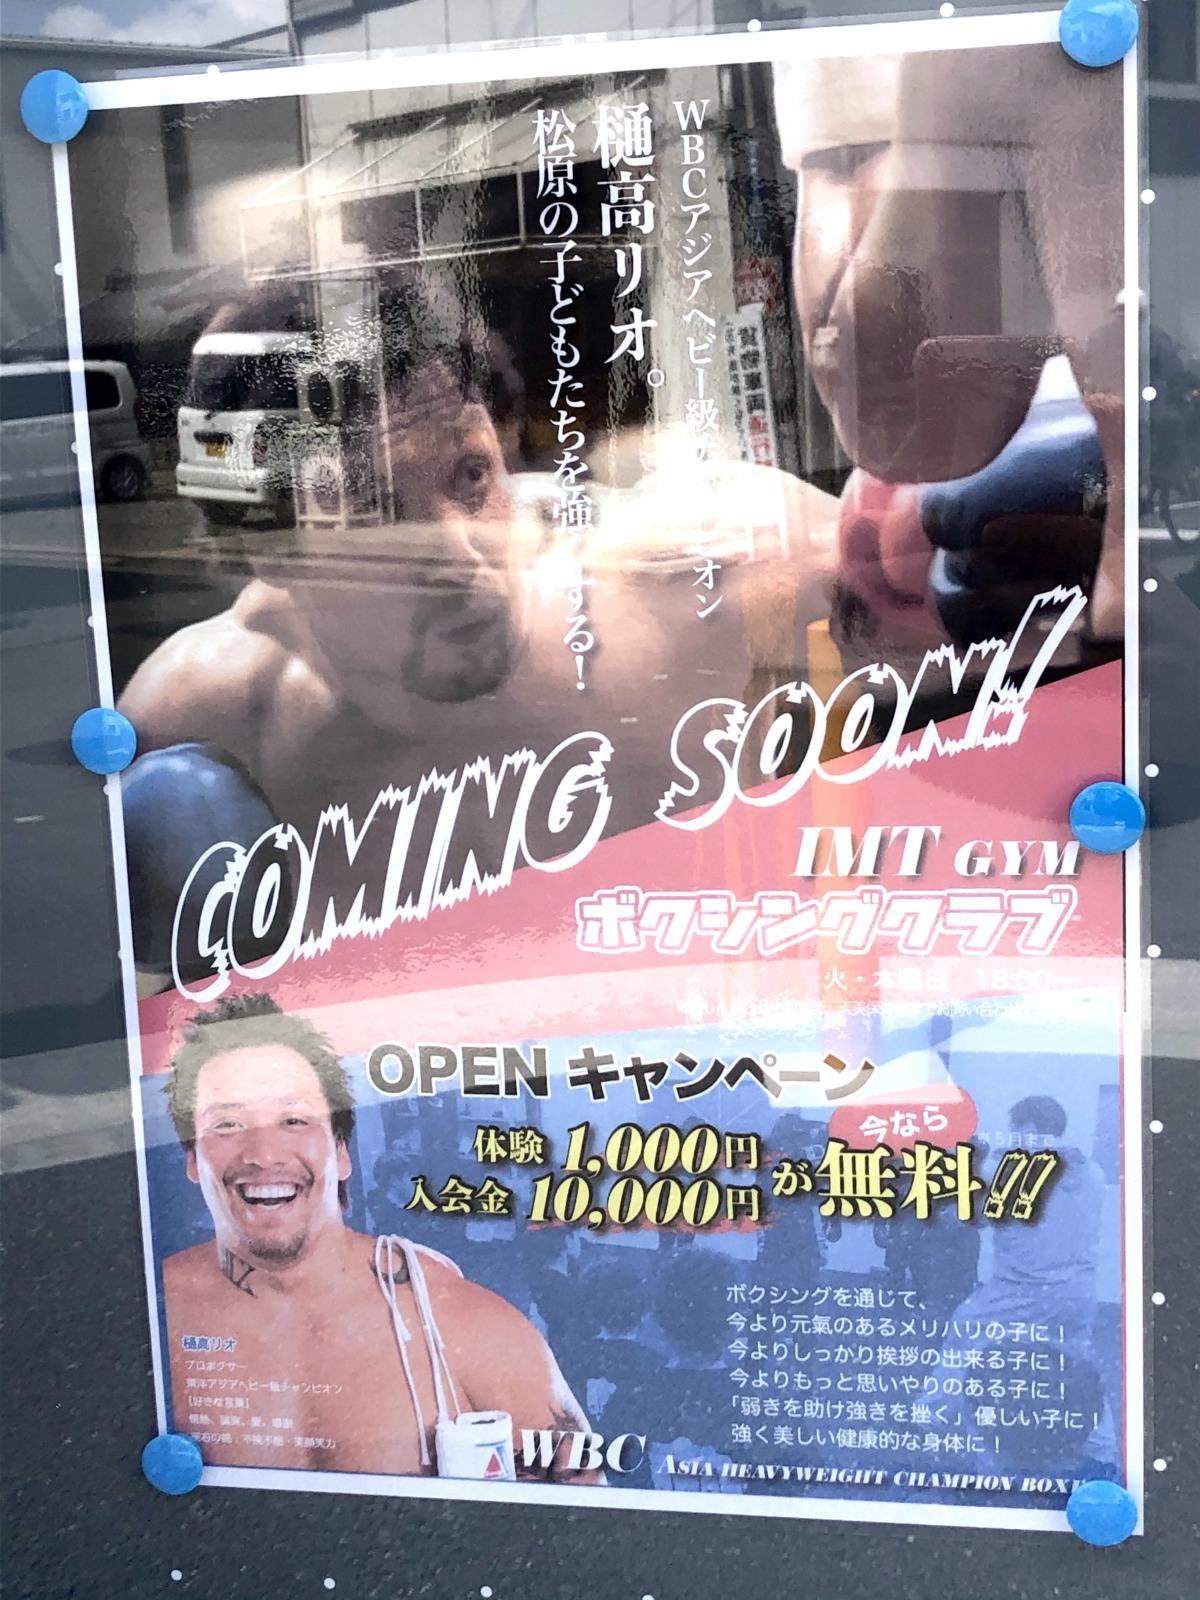 【新店情報♫】まもなく開校☆松原市『複合型福祉施設 TERRA(テラ)』にボクシング教室が開校するみたい!!: